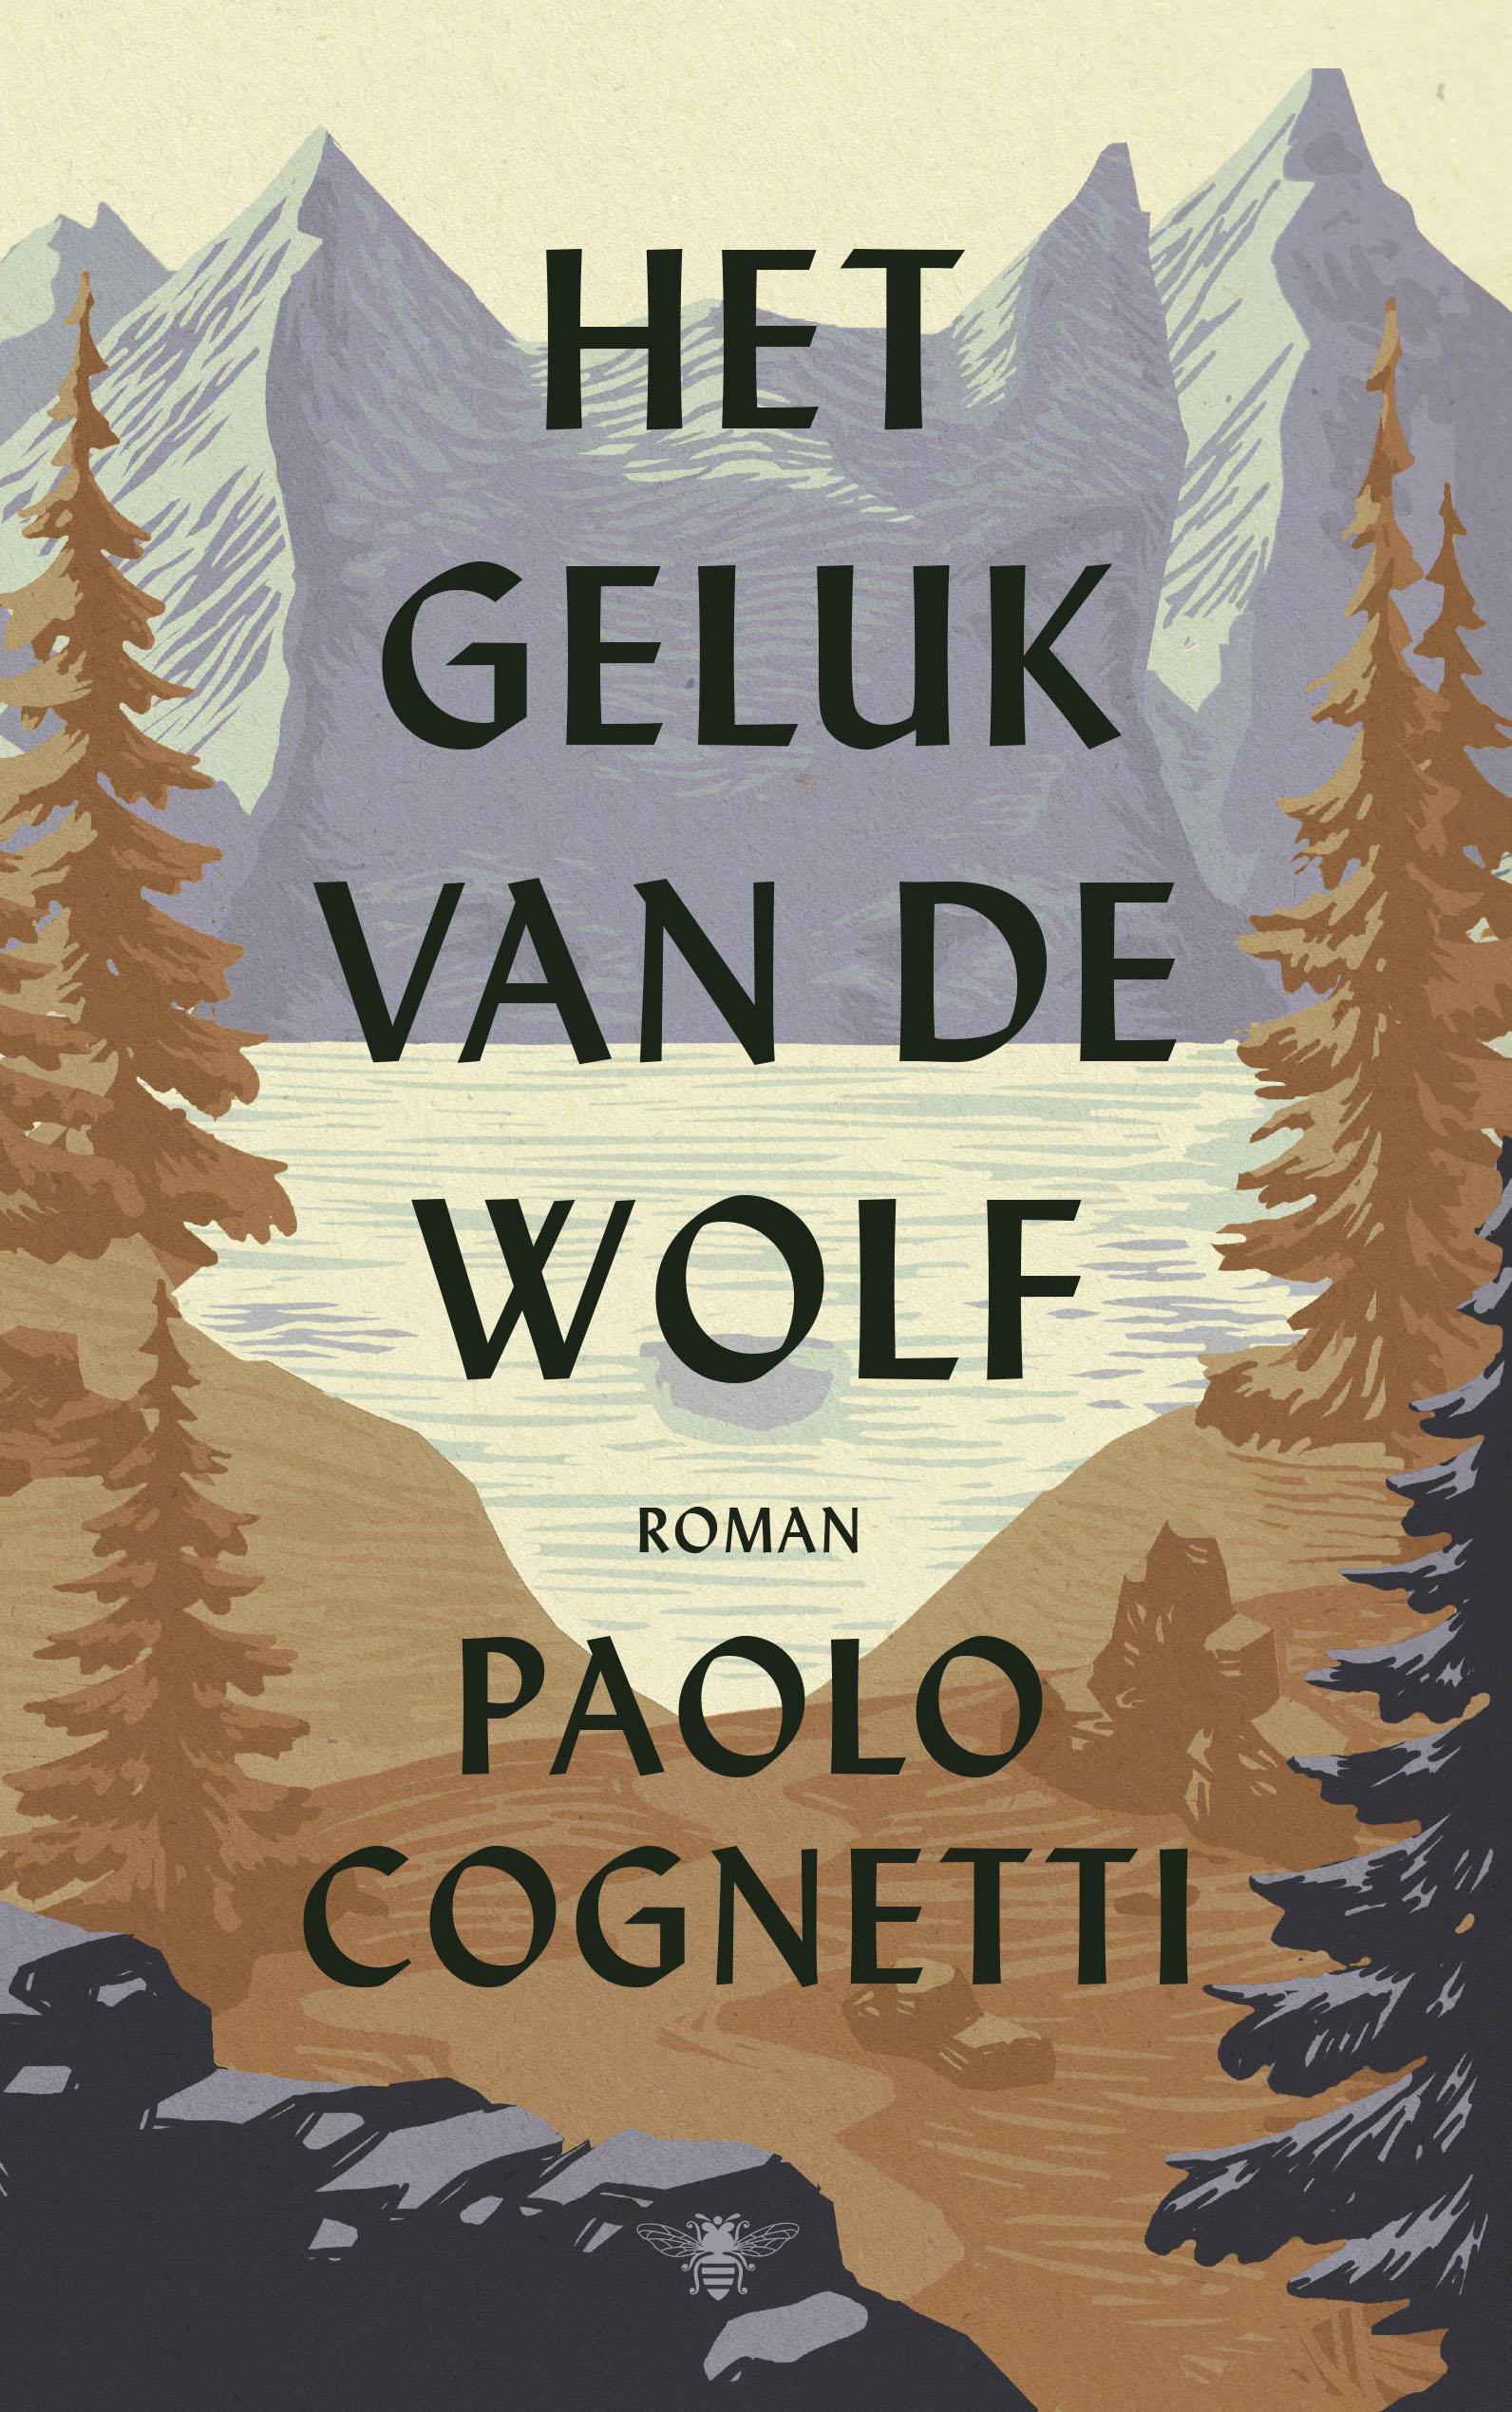 Het geluk van de wolf - boekenflits